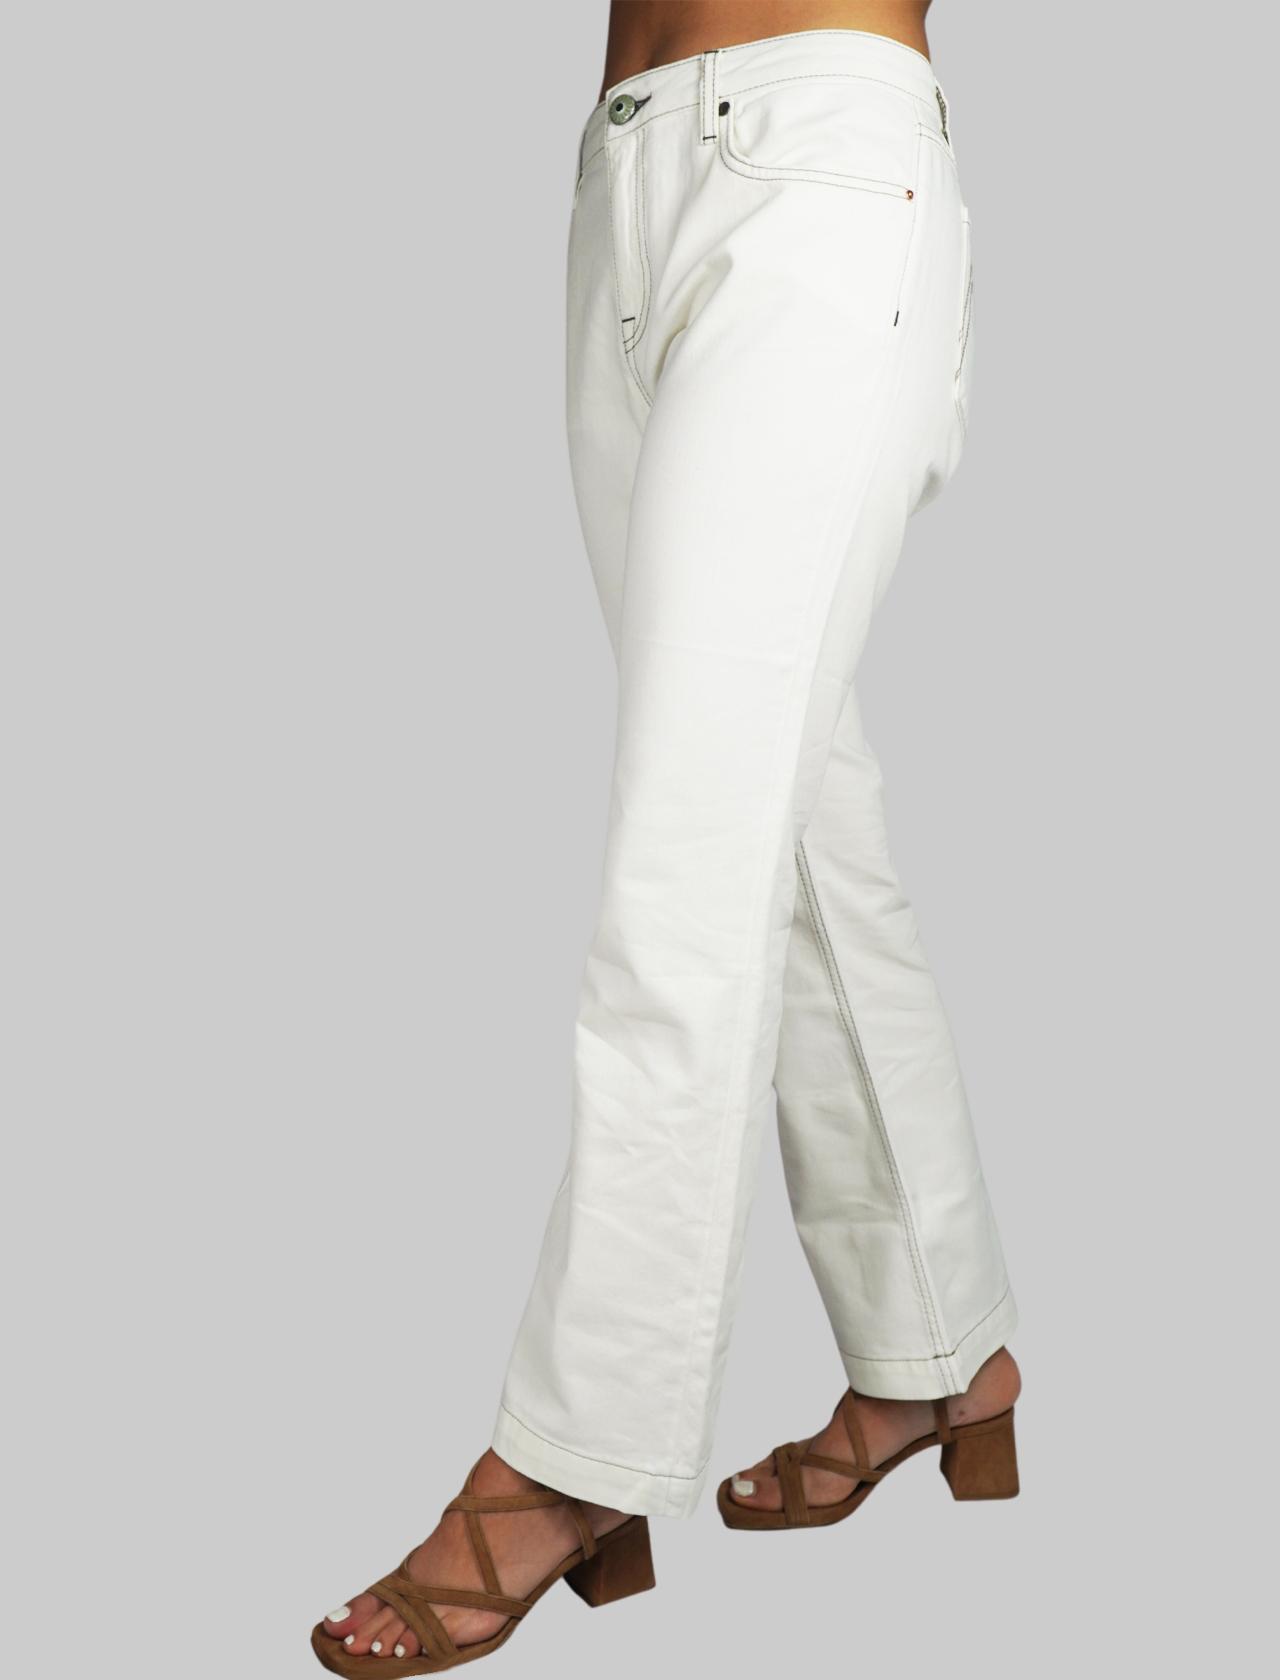 Abbigliamento Pantalone Donna Taglio Jeans a Trombetta in Gabardine Colore Bianco 5 Tasche Maliparmi | Gonne e Pantaloni | JH72041013310000